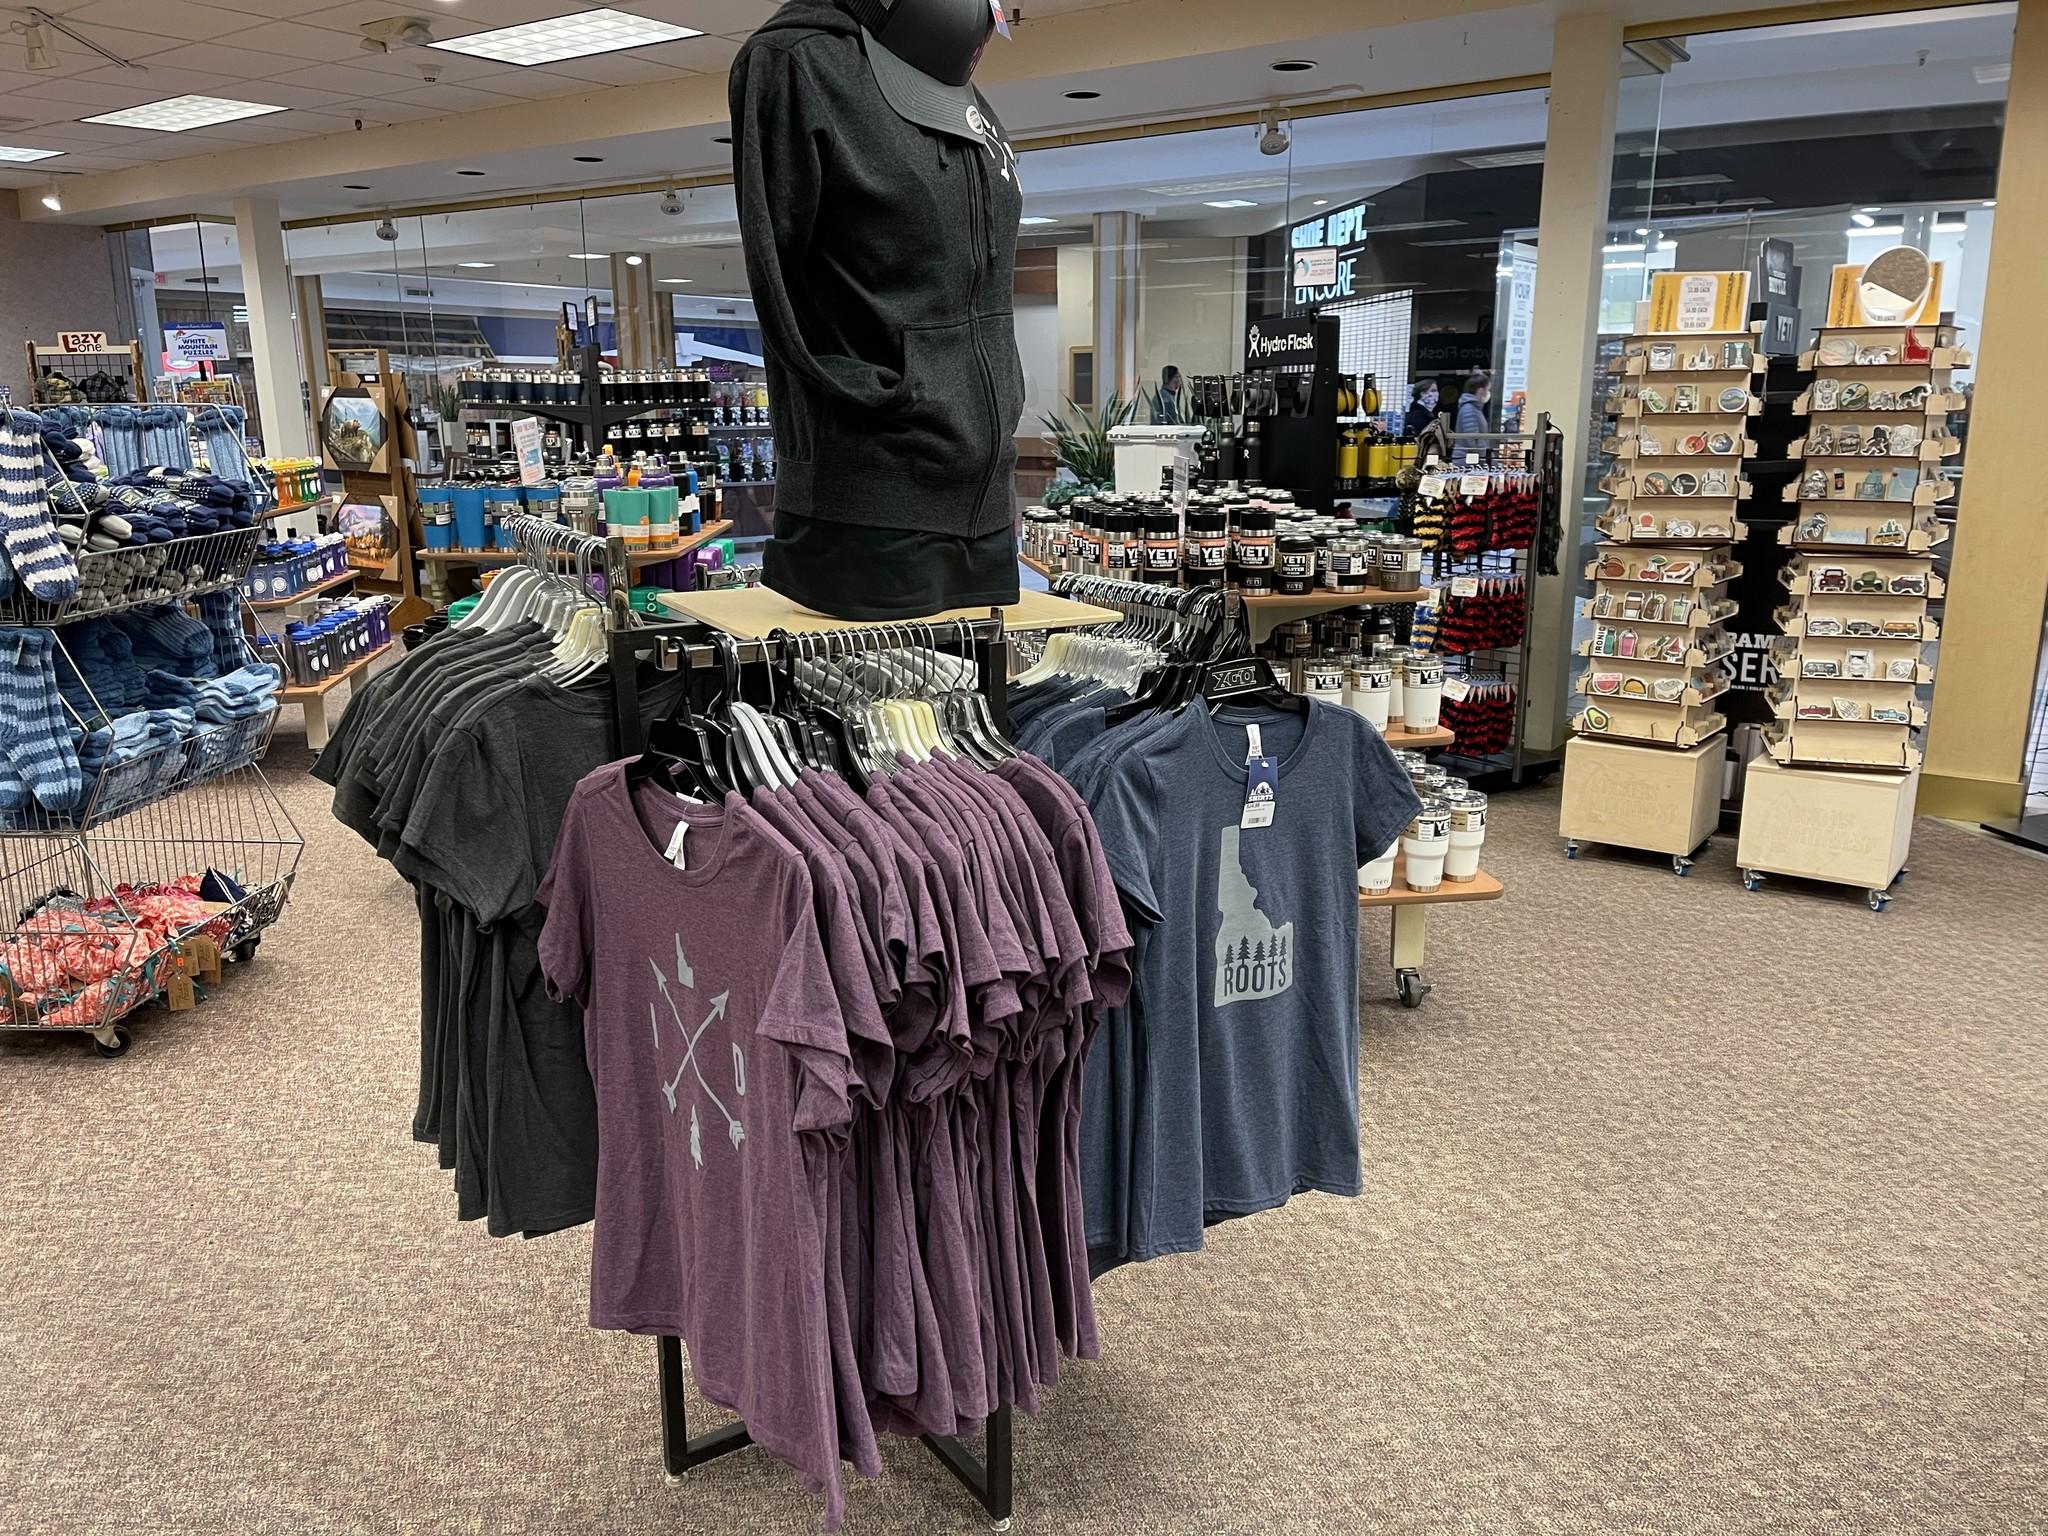 Idaho Tshirts and Sweatshirts